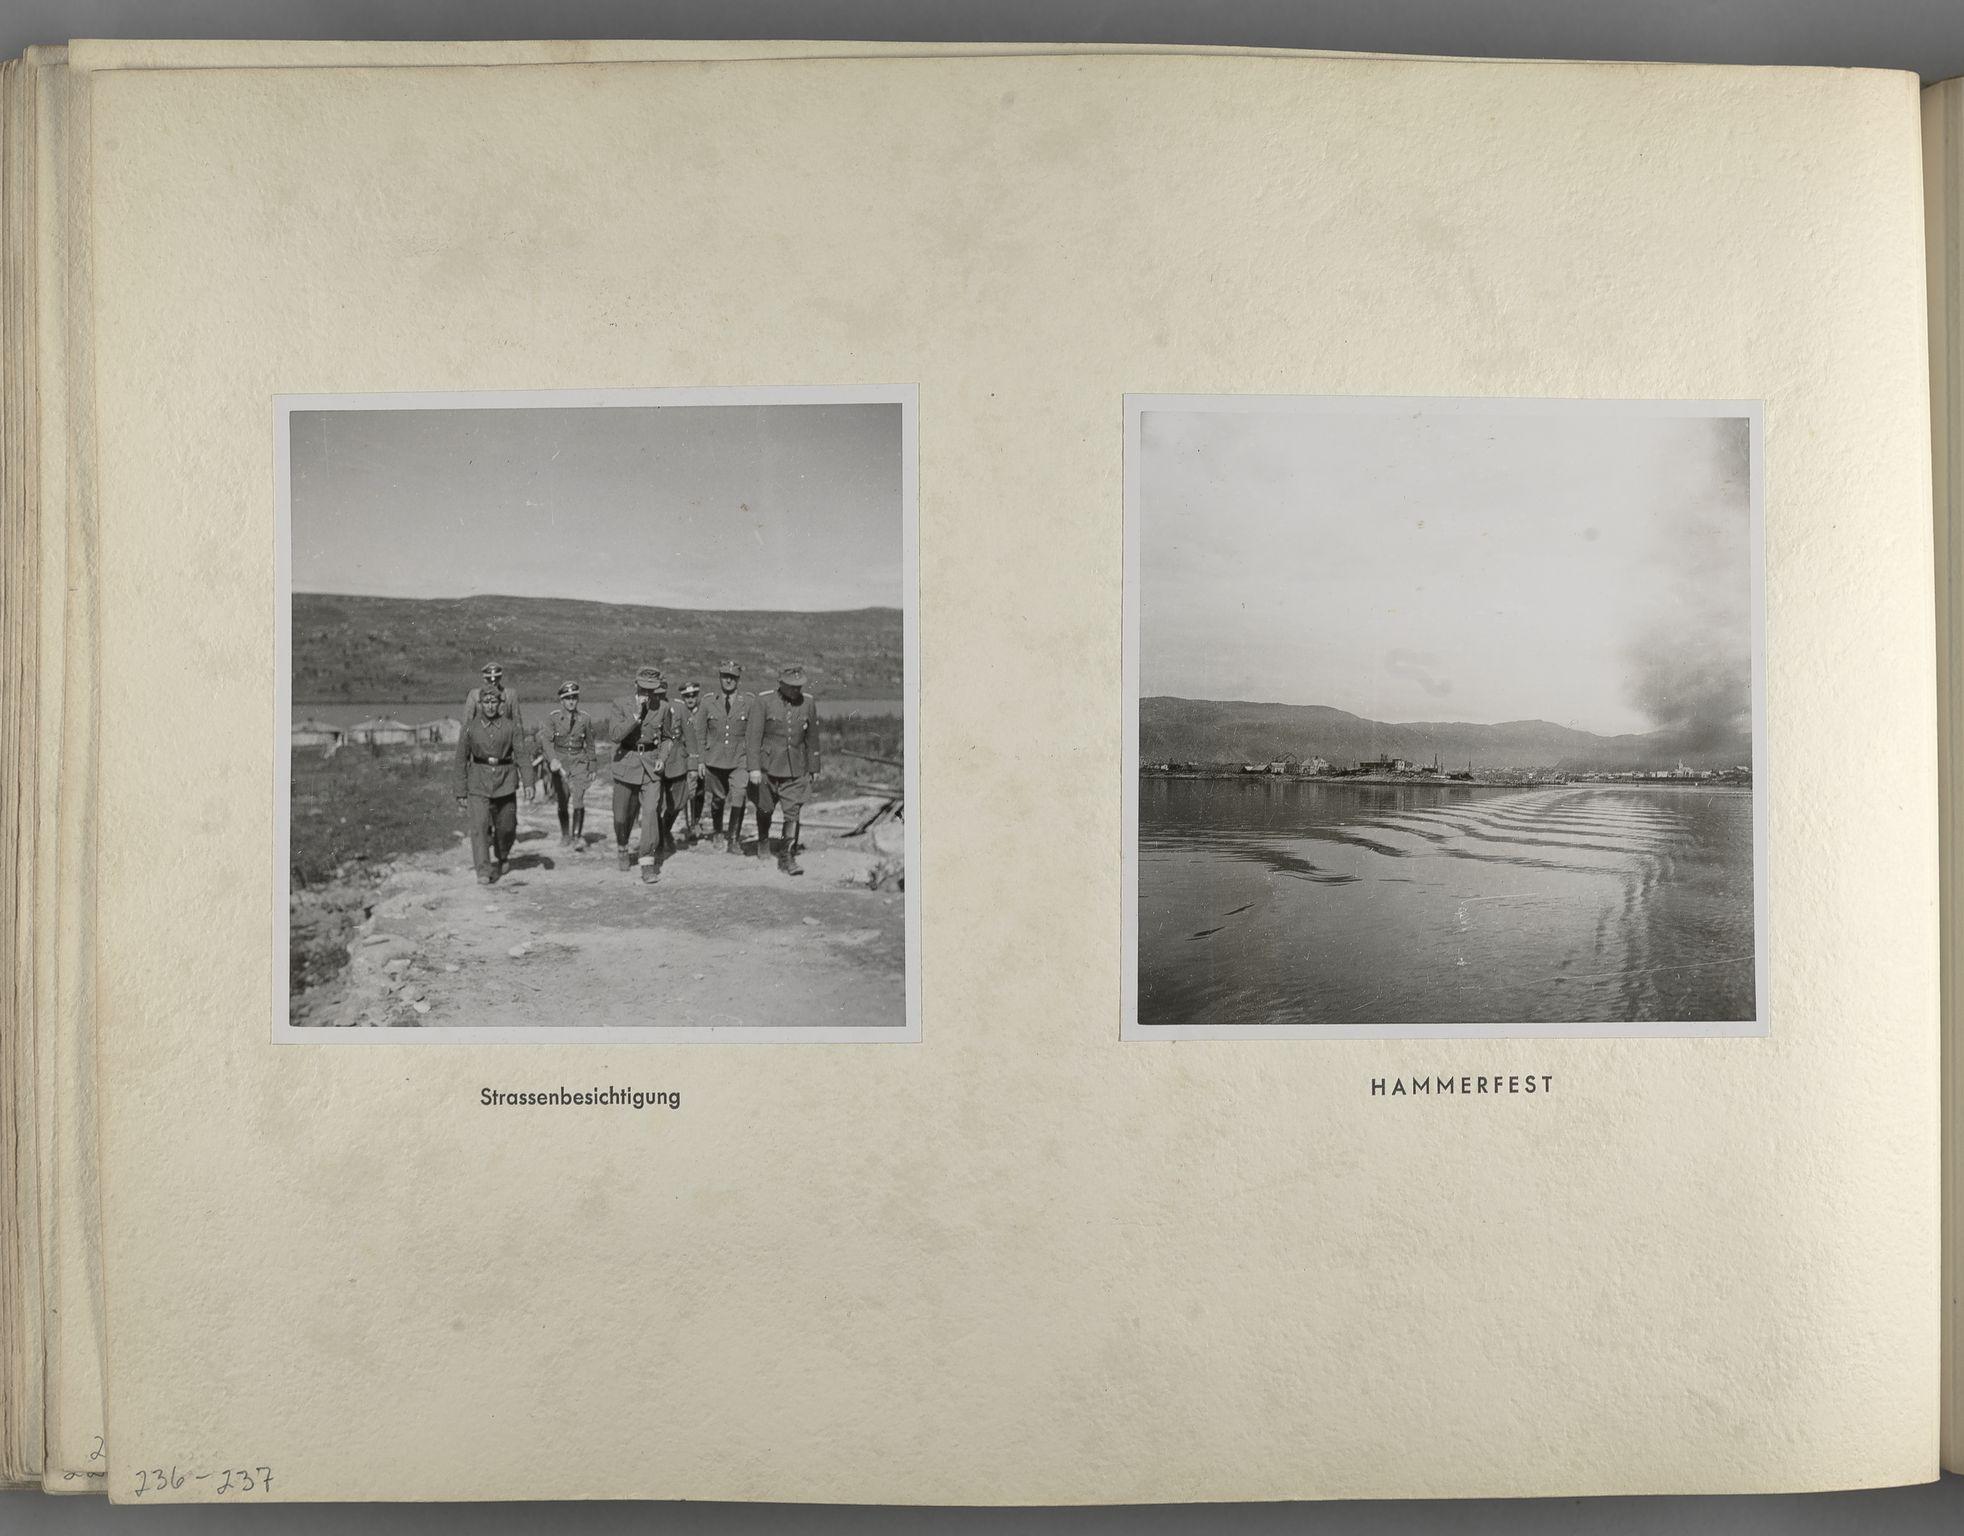 RA, Tyske arkiver, Reichskommissariat, Bildarchiv, U/L0071: Fotoalbum: Mit dem Reichskommissar nach Nordnorwegen und Finnland 10. bis 27. Juli 1942, 1942, s. 96